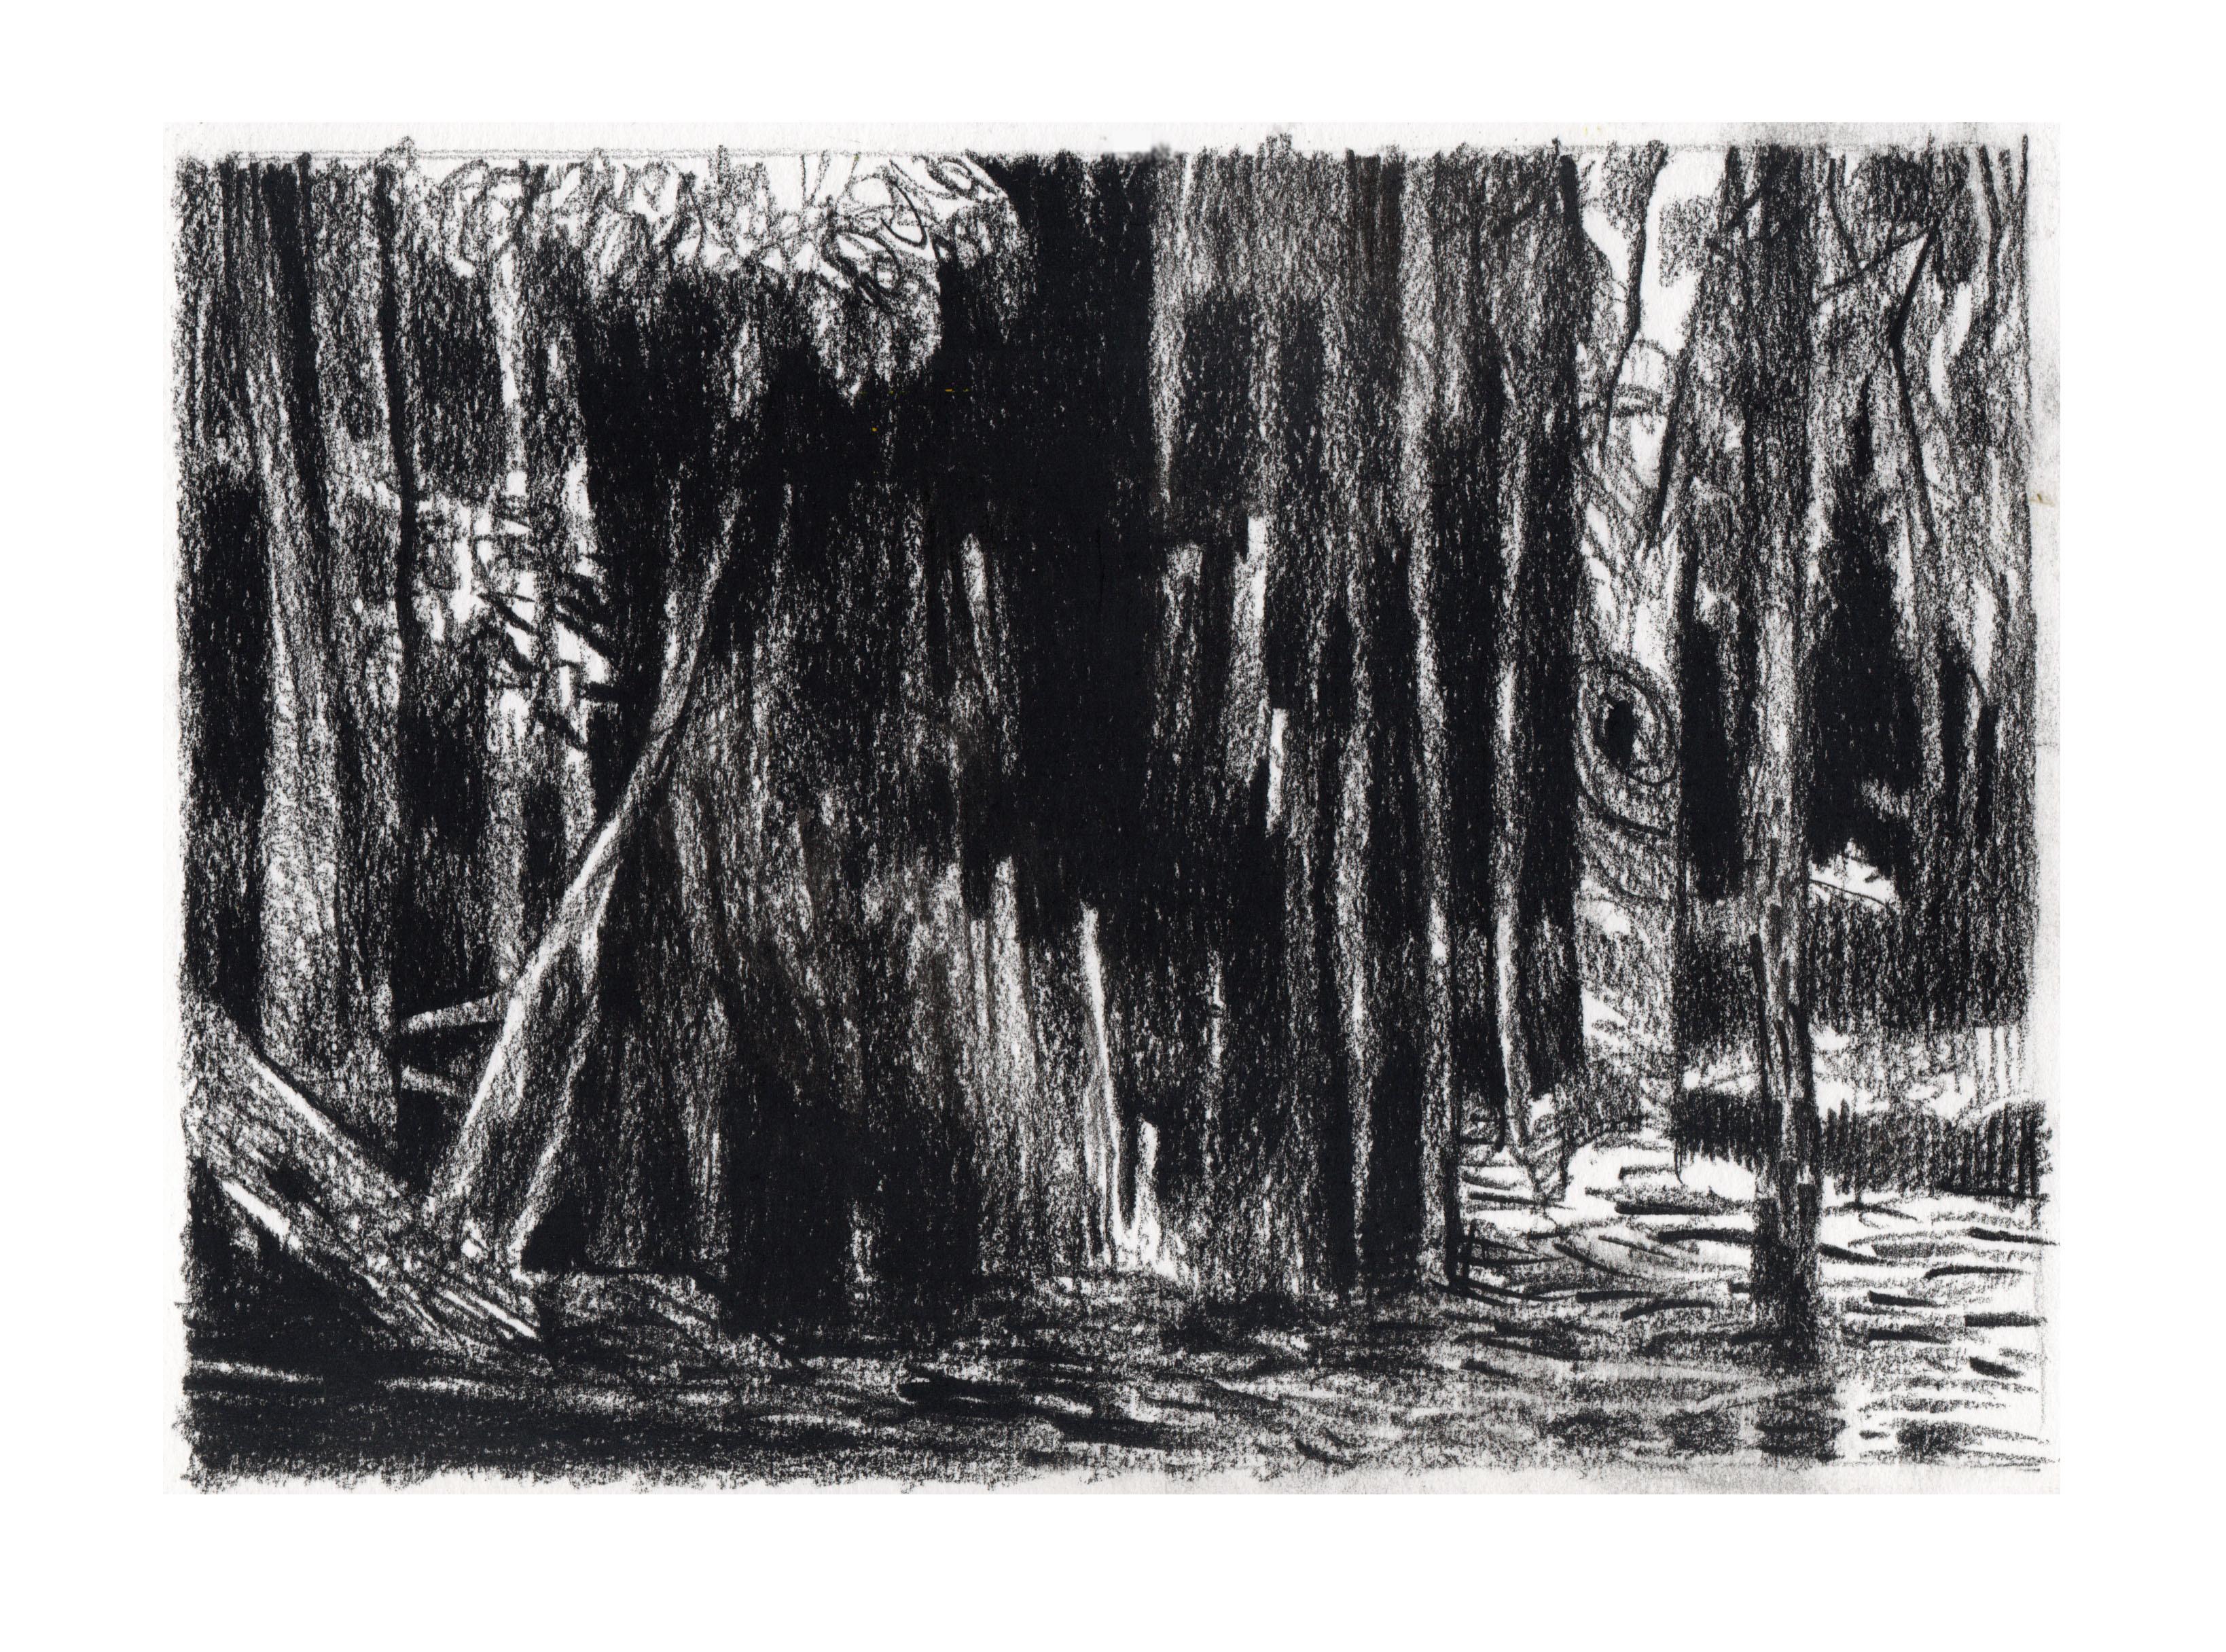 18. Ben Crappsley, Dark Woods II, $240